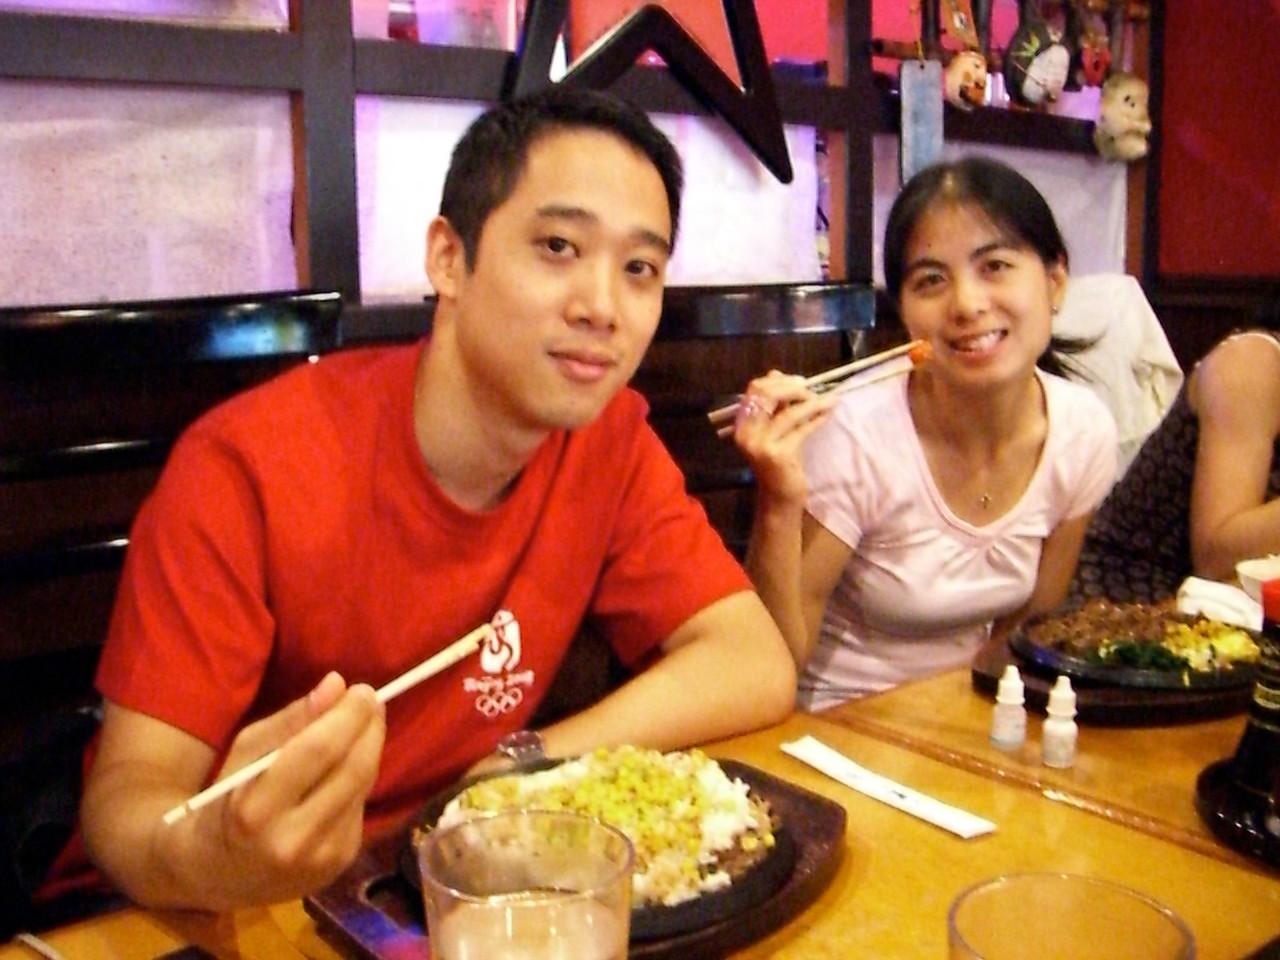 2006 06 17 Sat - 2006 06 17 Sat - Andy & Audrey Wu 2